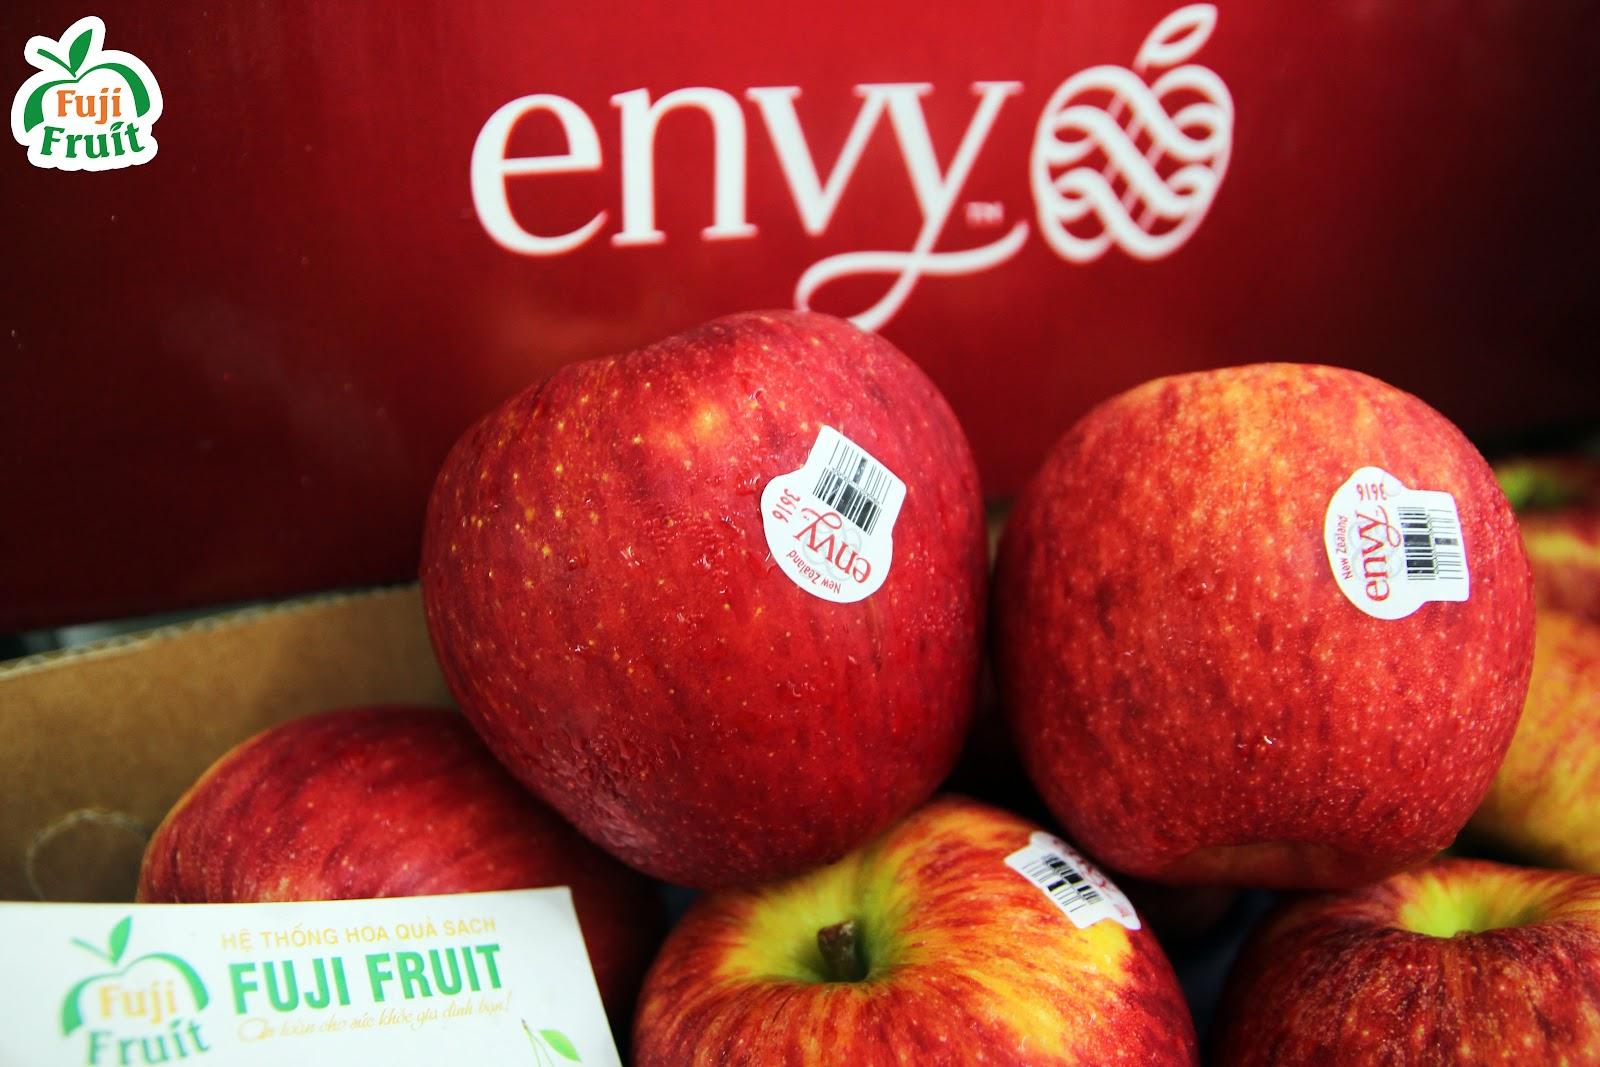 Táo Envy Newzealand trên thị trường giá bao nhiêu ?